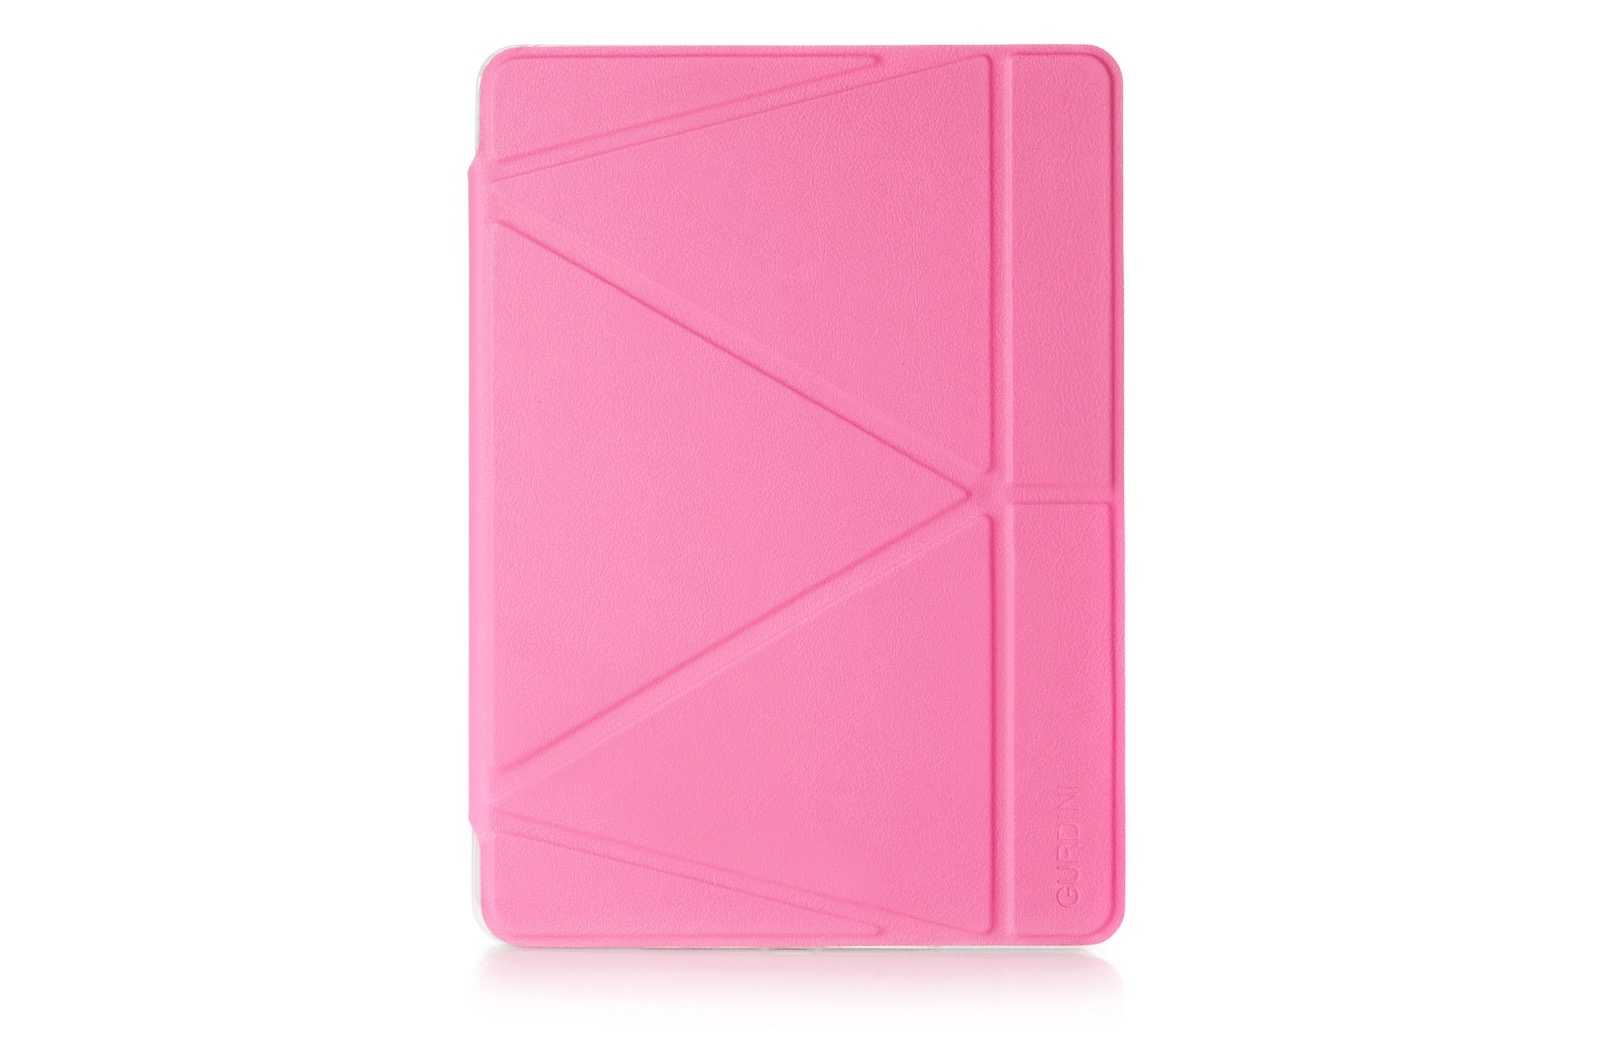 """Чехол для планшета Gurdini Lights Series 410363 для Apple Ipad mini 4 7.9"""", 410363, розовый"""